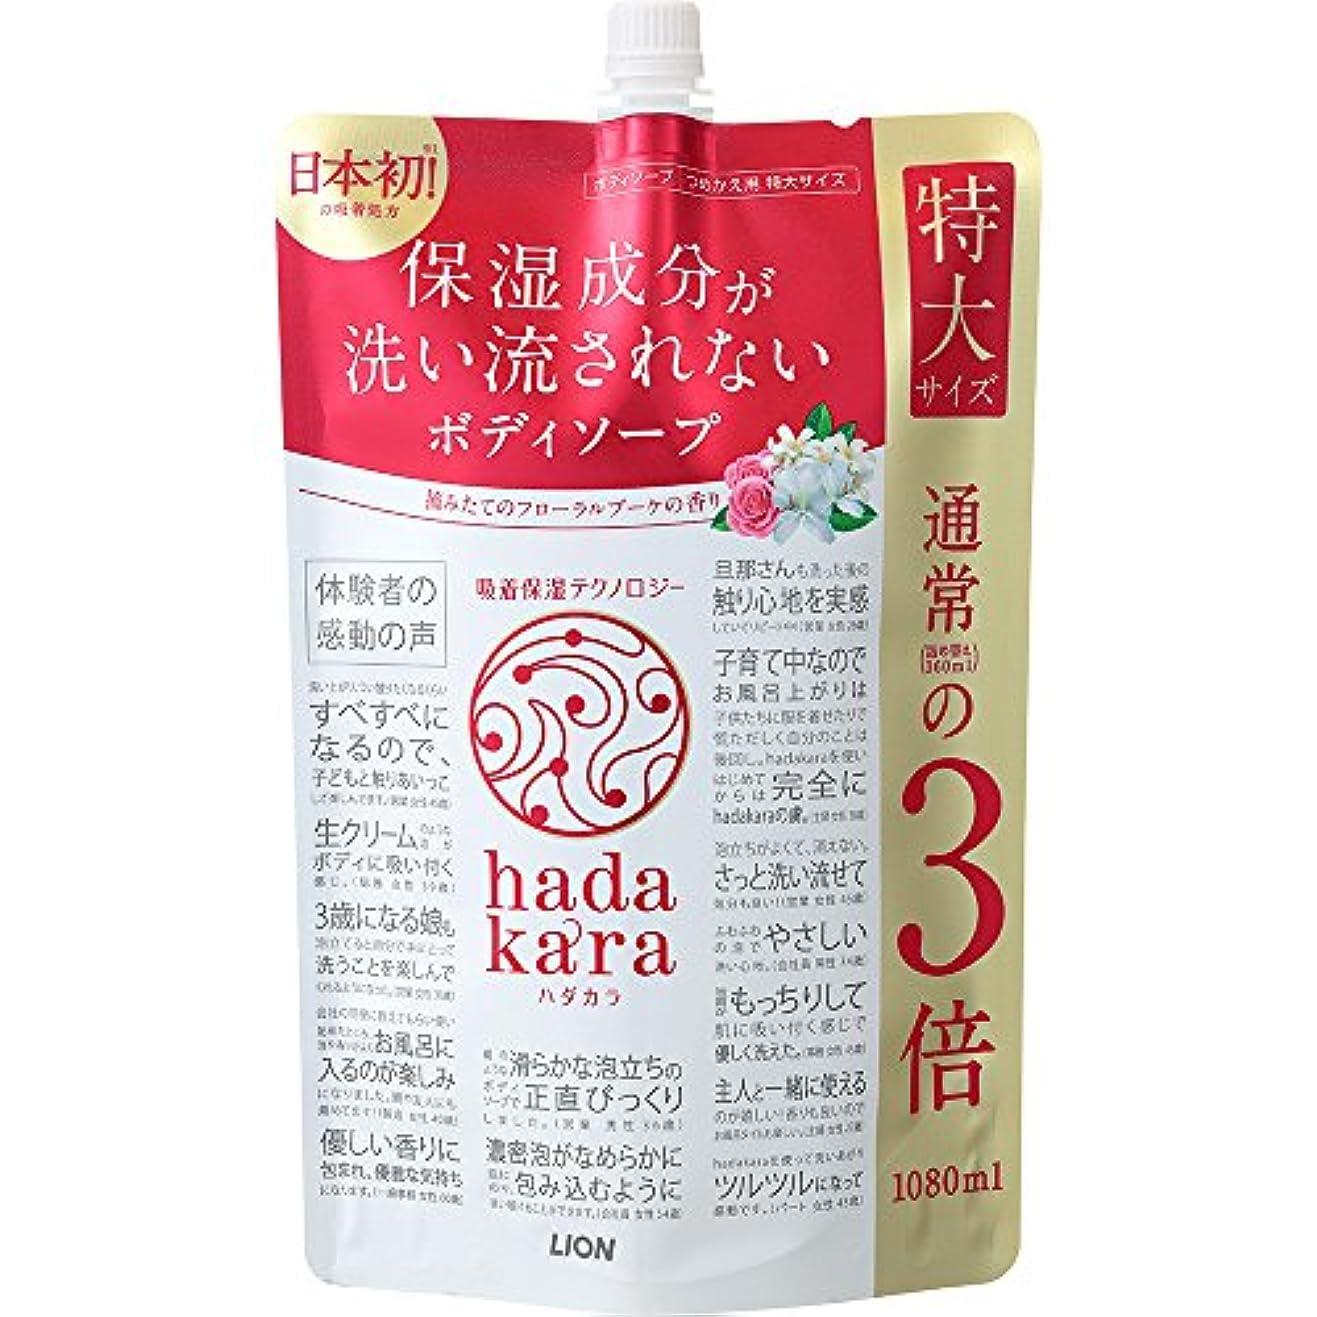 わがまま正規化抑制【大容量】hadakara(ハダカラ) ボディソープ フローラルブーケの香り 詰め替え 特大 1080ml